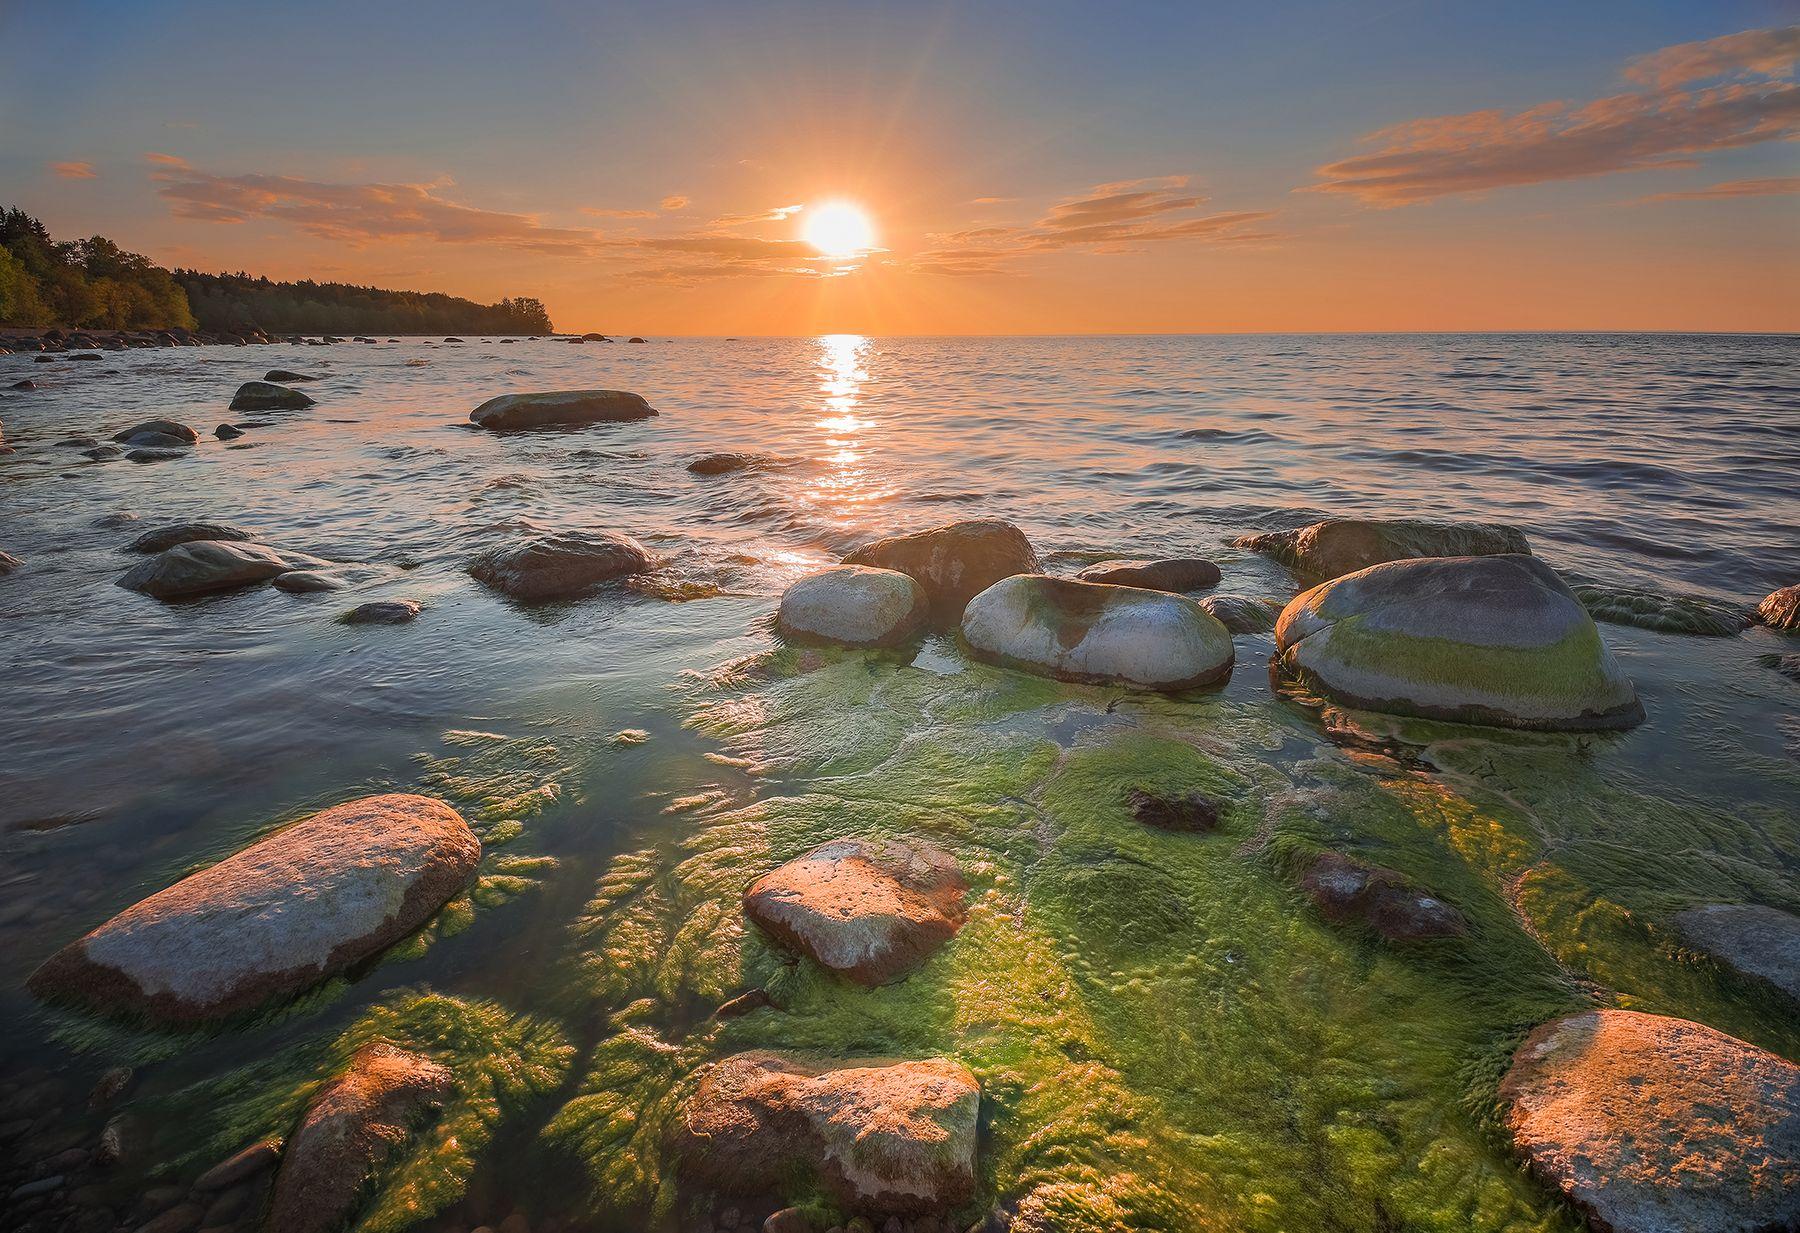 Вечерний залив море вода камни закат золотой час небо цвета краски